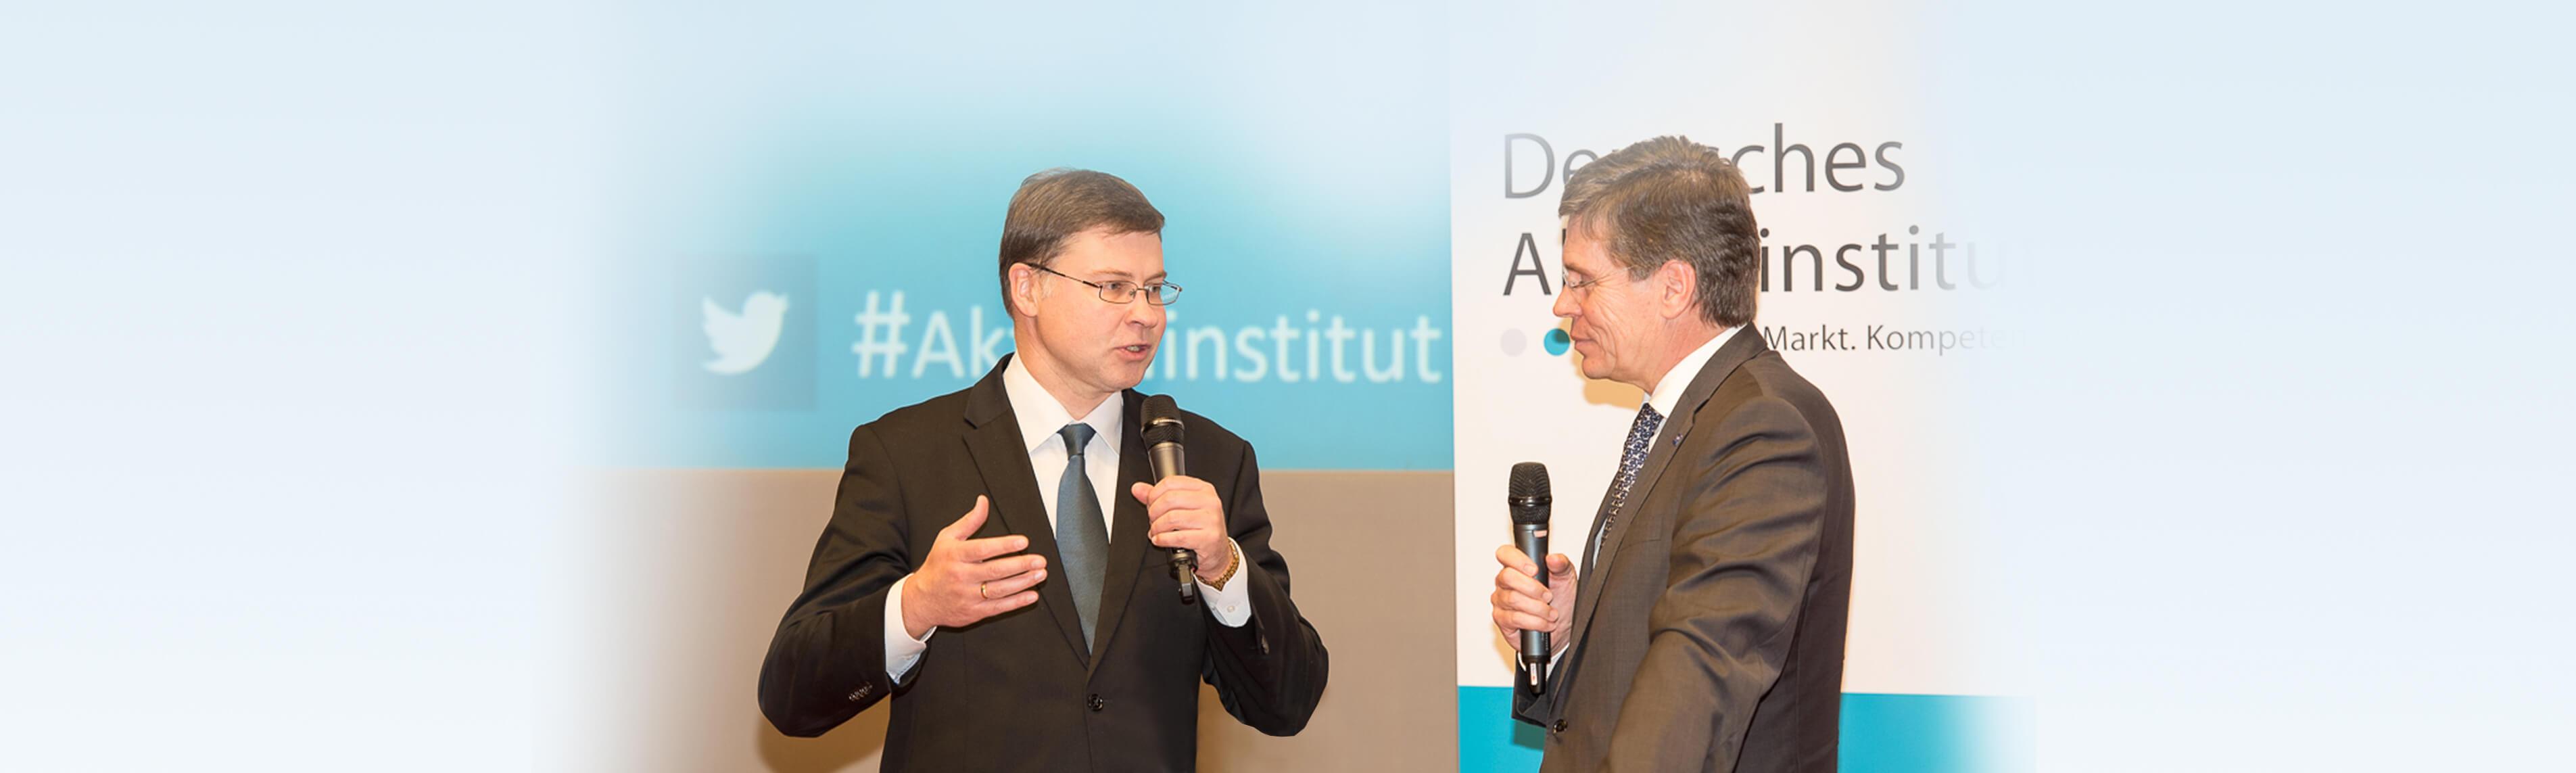 Deutsches Aktieninstitut | Startseite